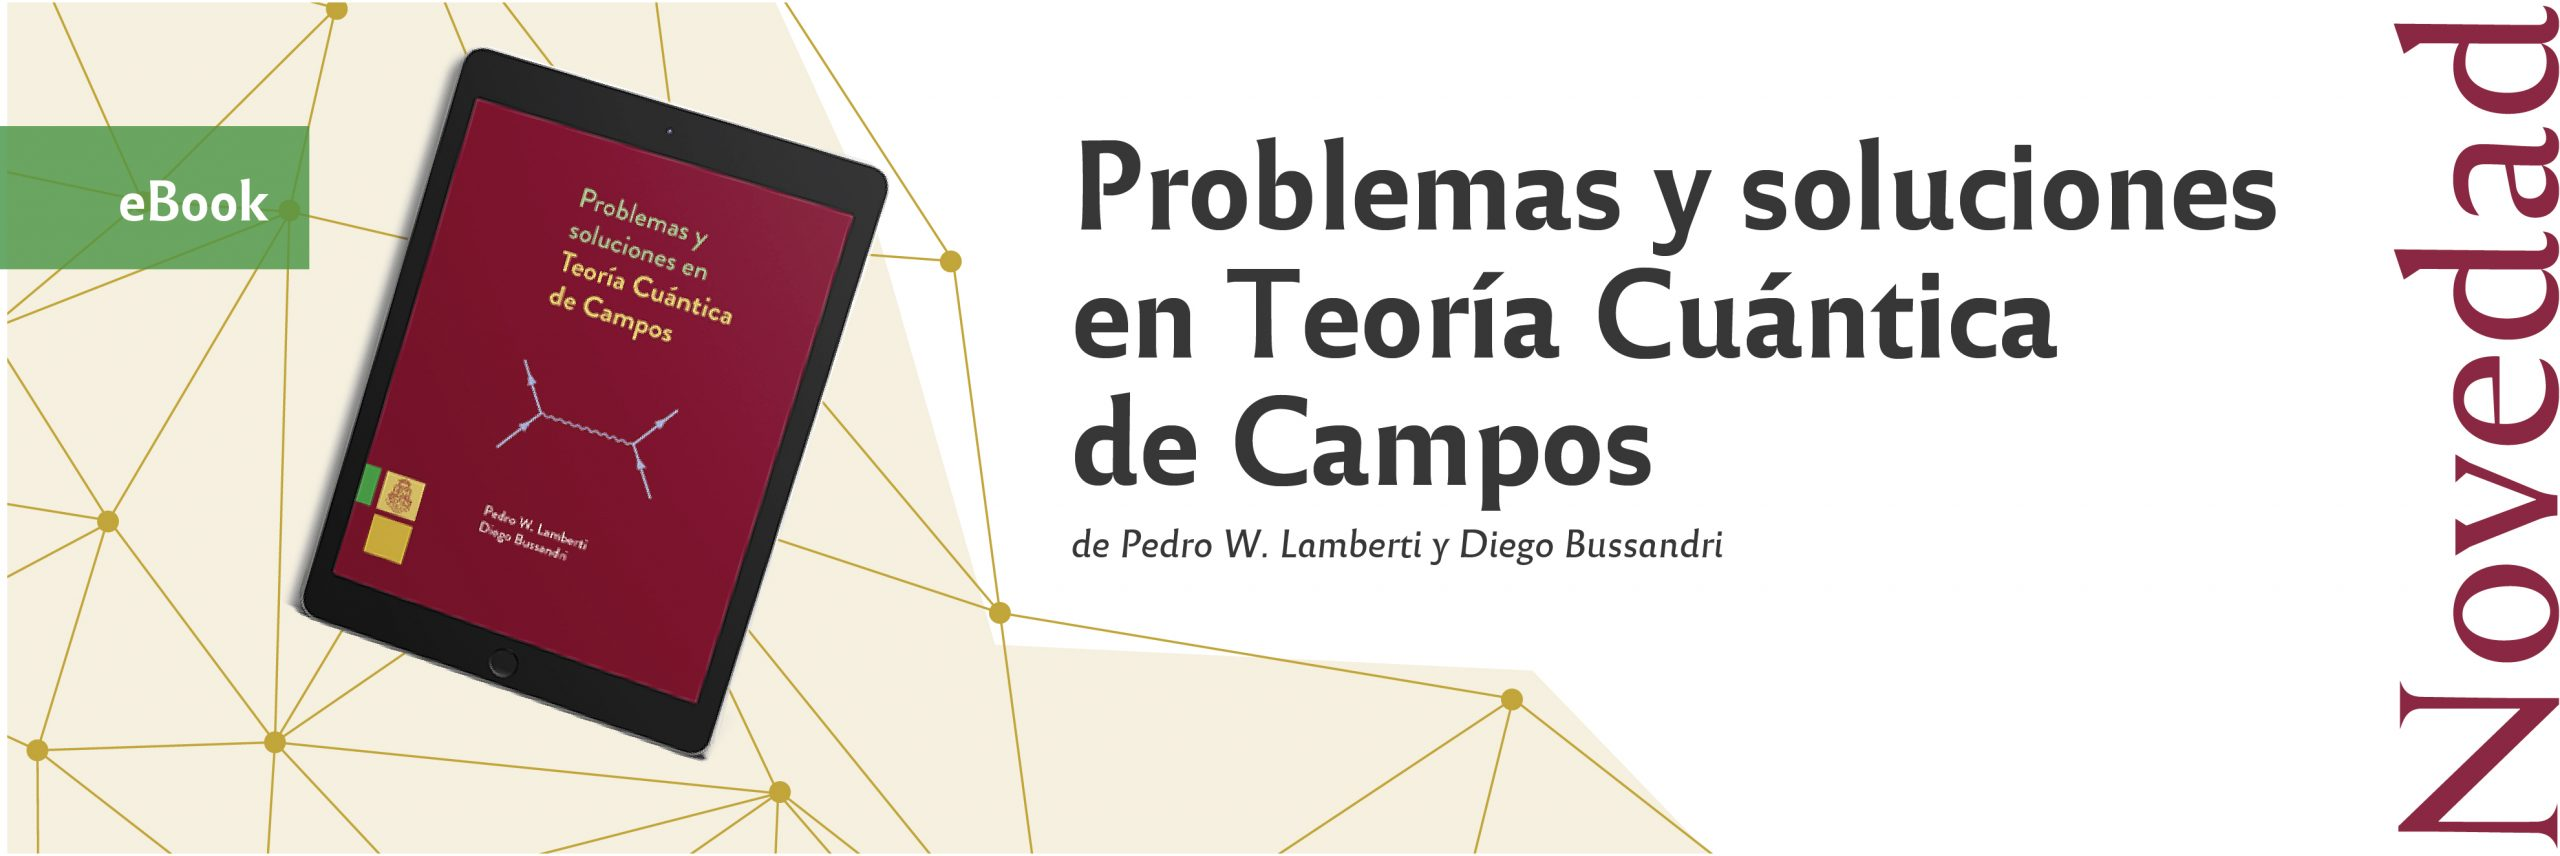 Problemas y soluciones en Teoría Cuántica de Campos